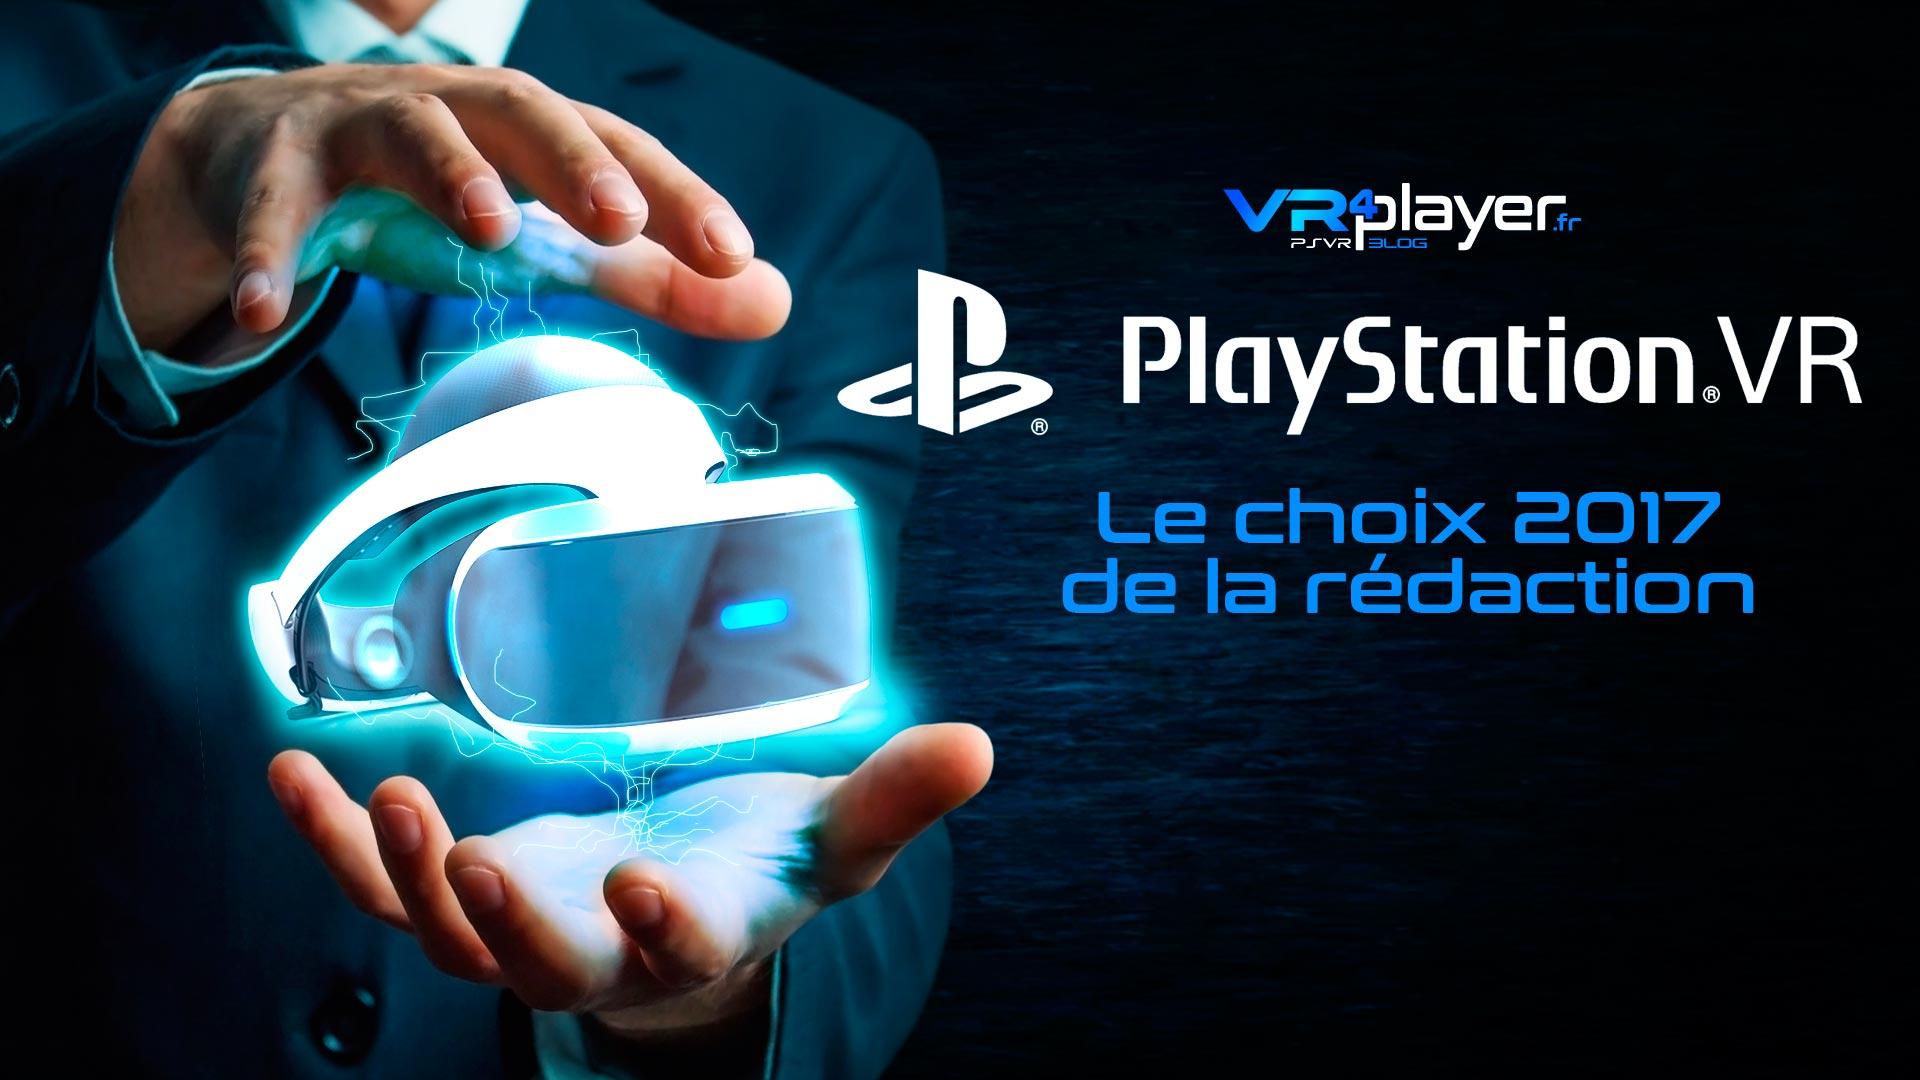 psvr PlayStation VR 2017 Le choix de la rédaction VR4player